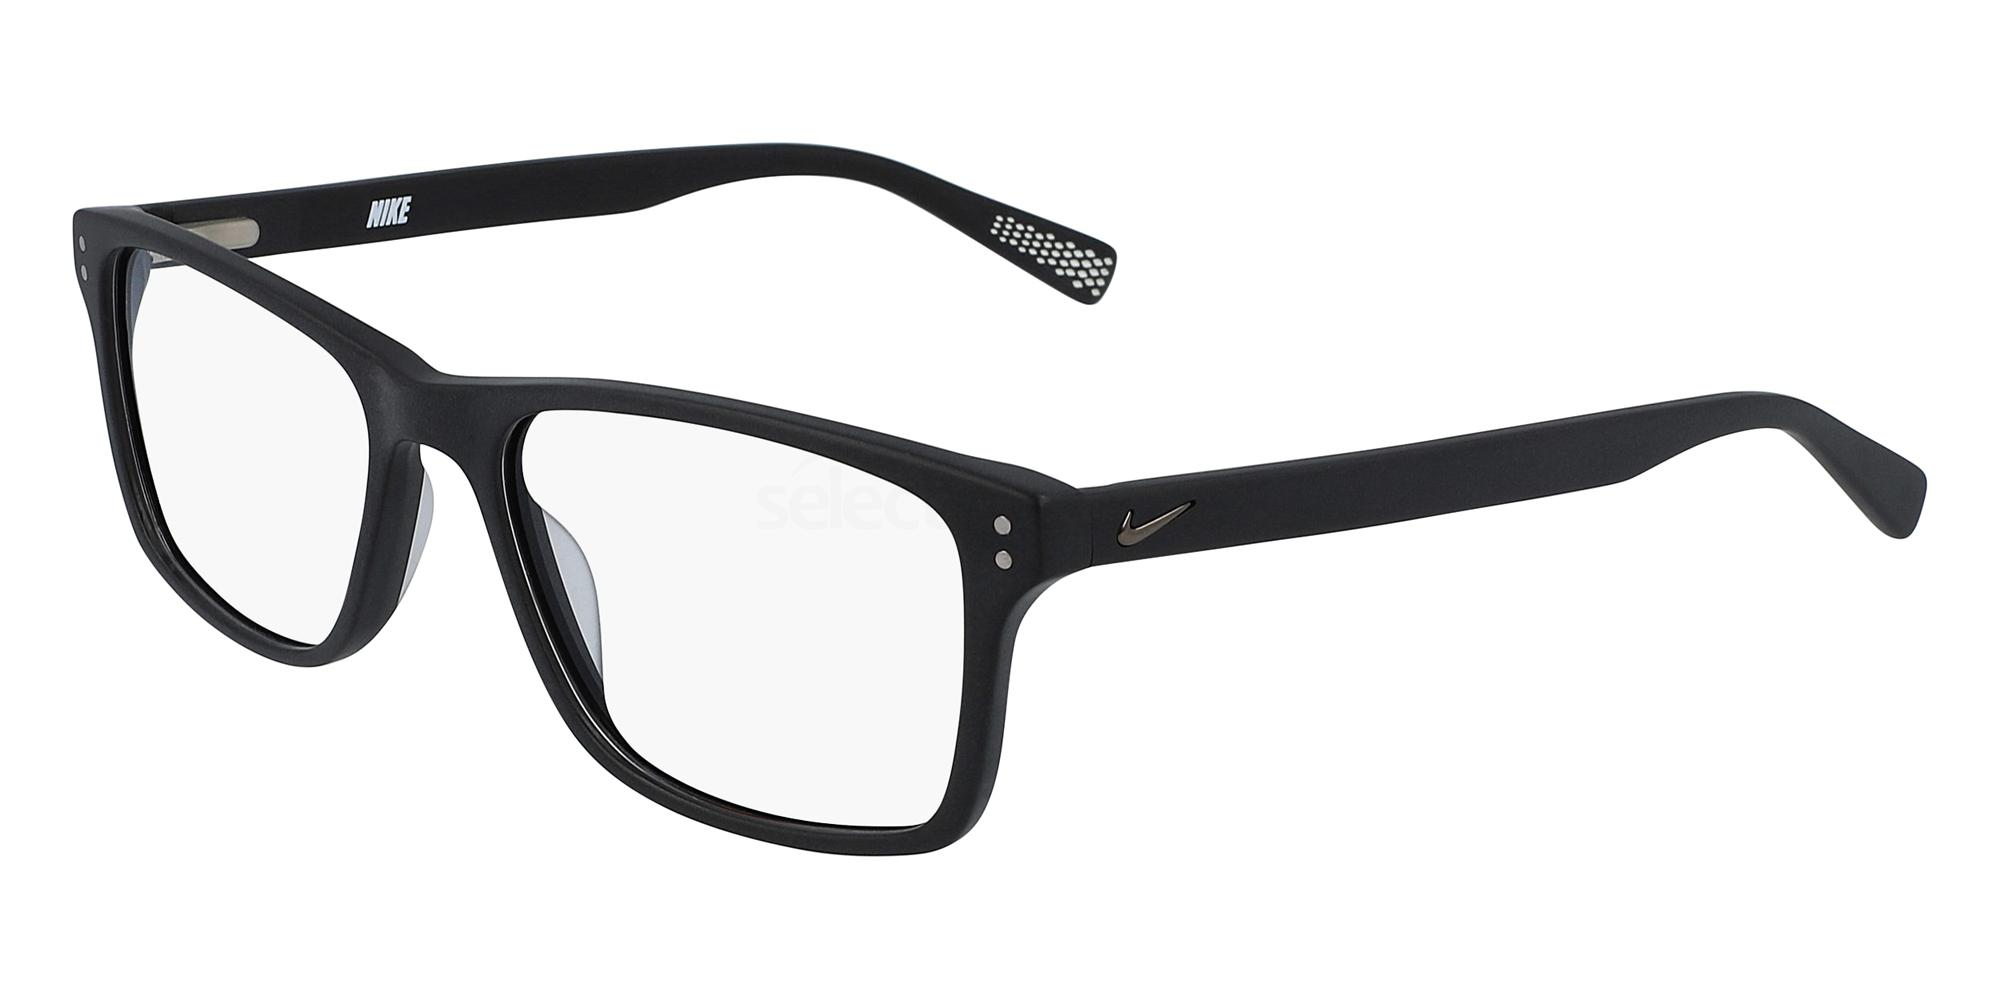 003 NIKE 7246 Glasses, Nike